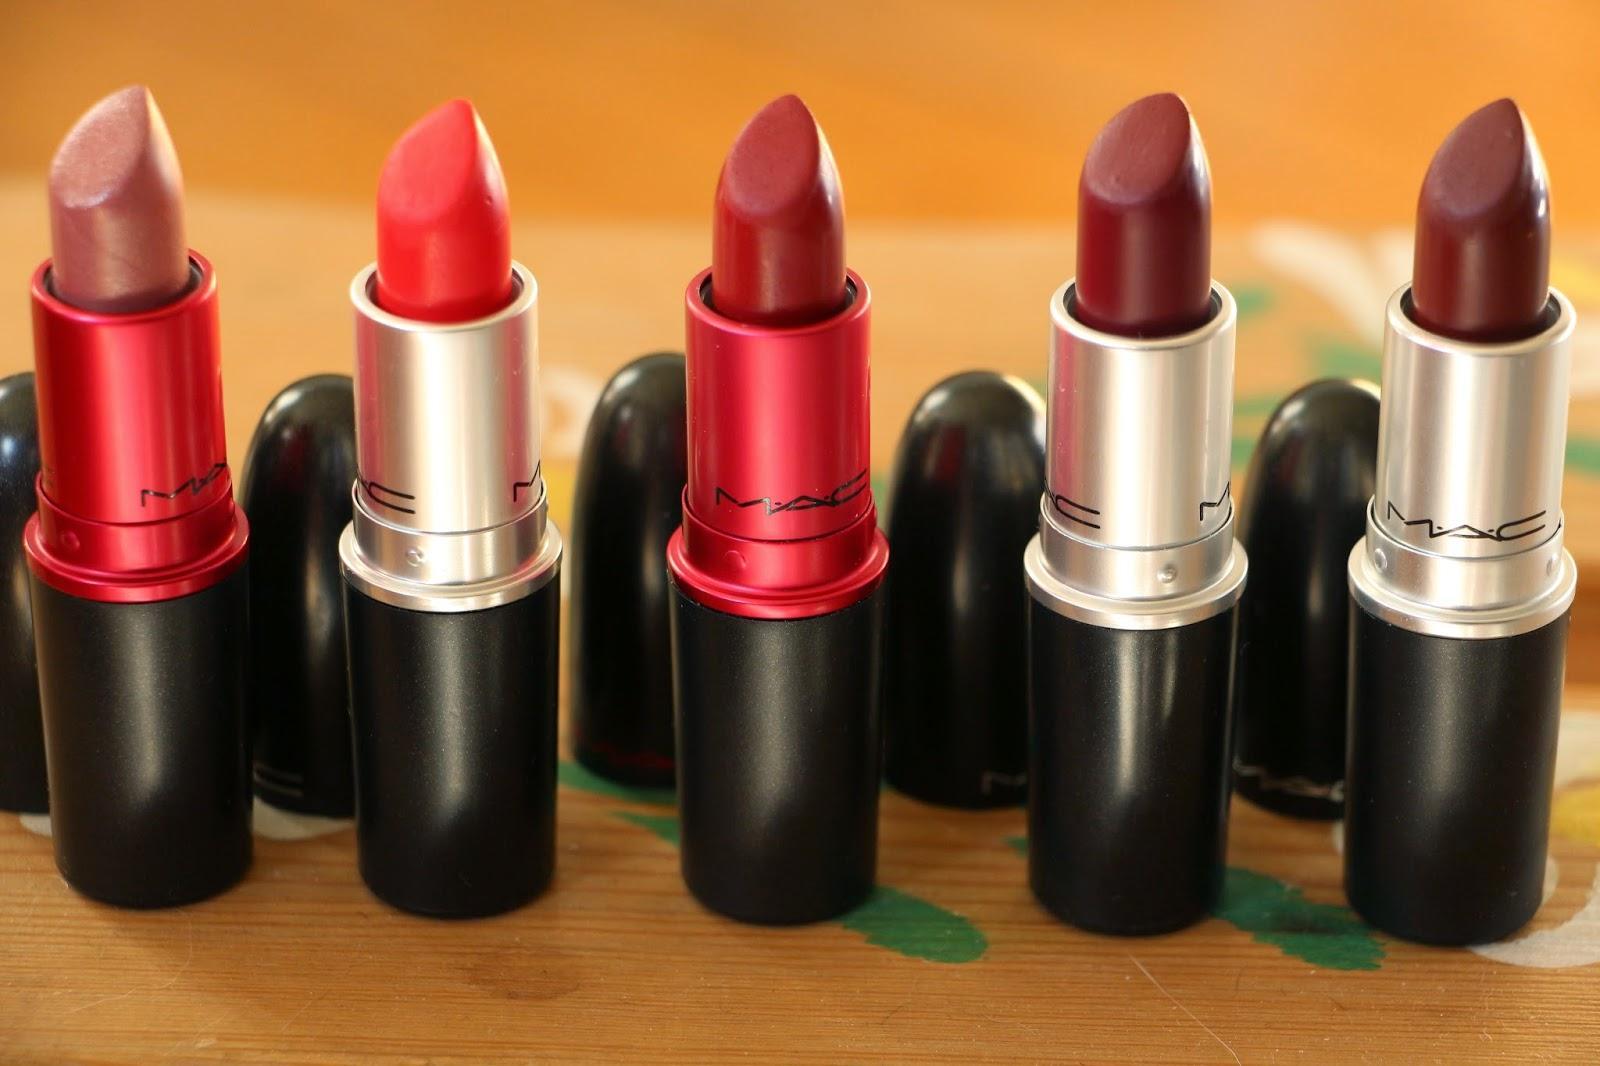 Les rouges à lèvres MAC valent-ils vraiment la peine?